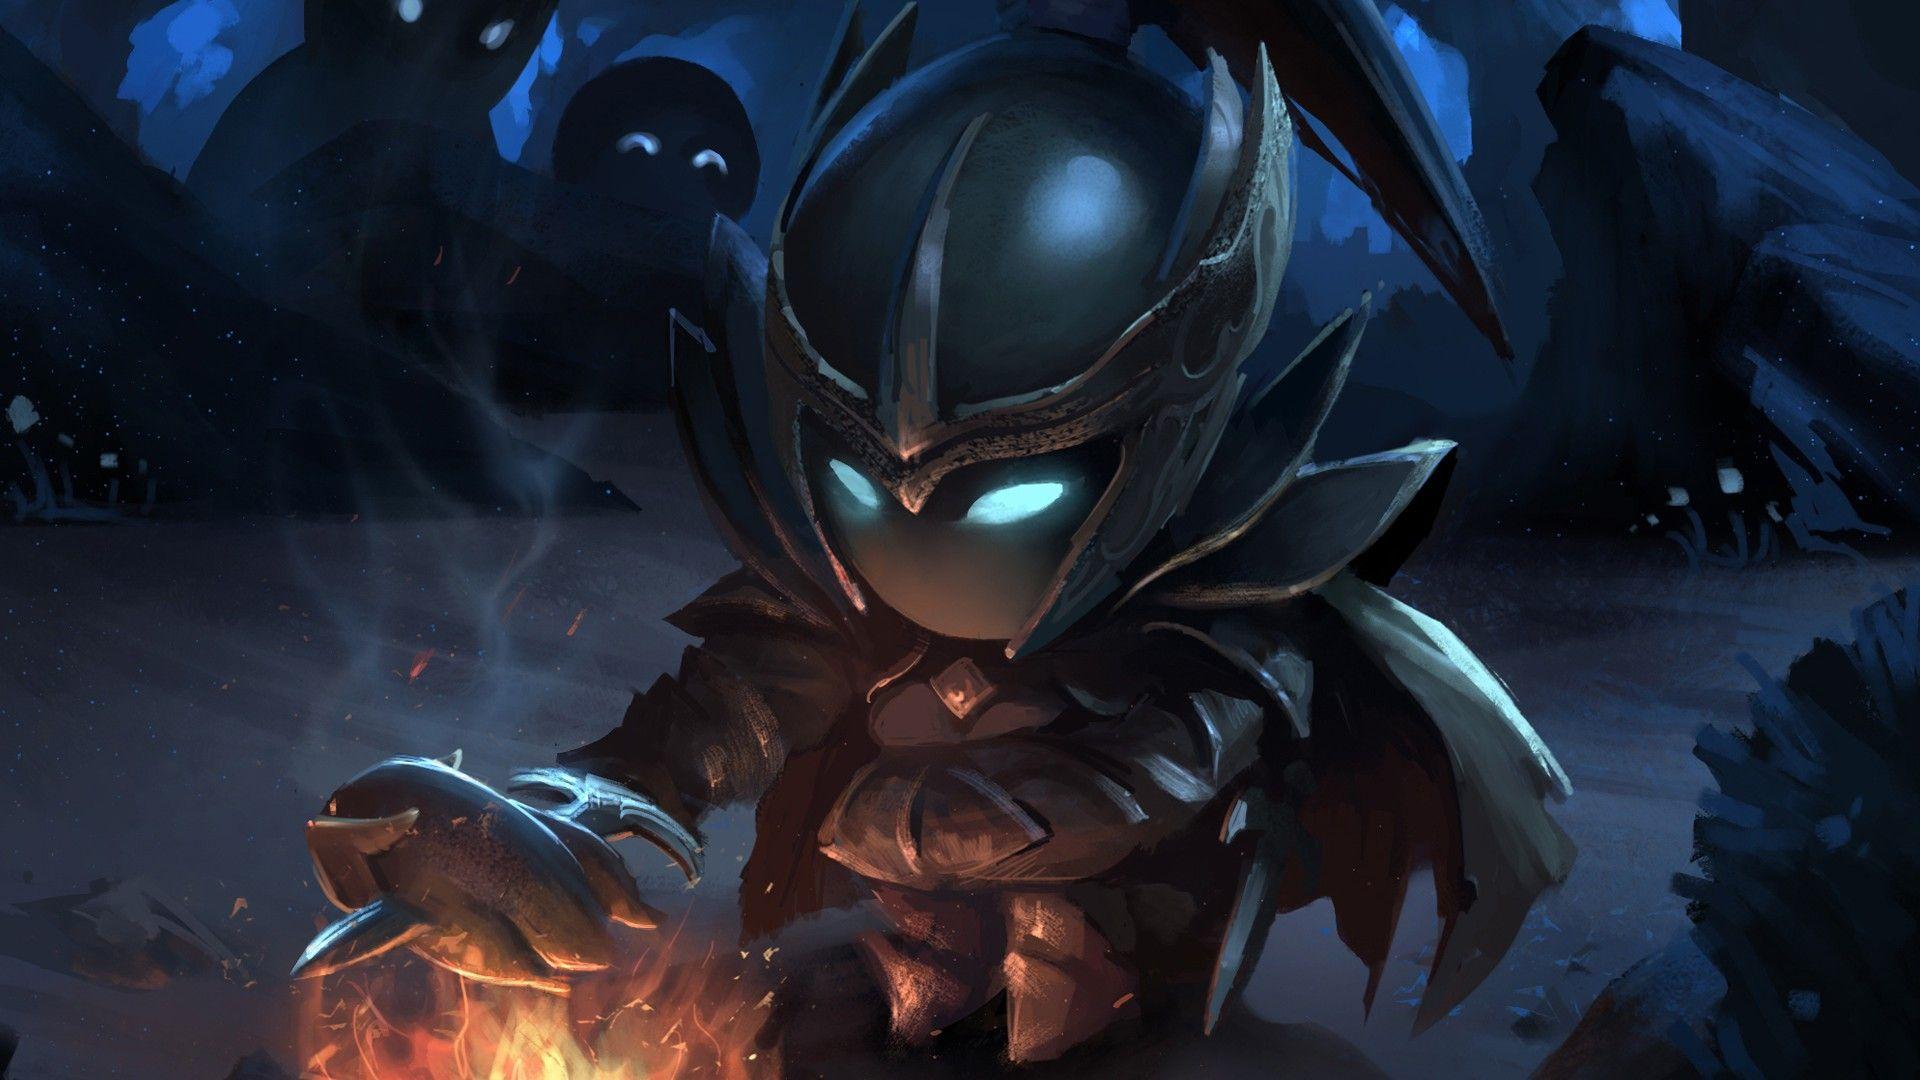 Download Wallpaper Dota 2 Phantom Assassin Mortred Girl Chibi Art Fire